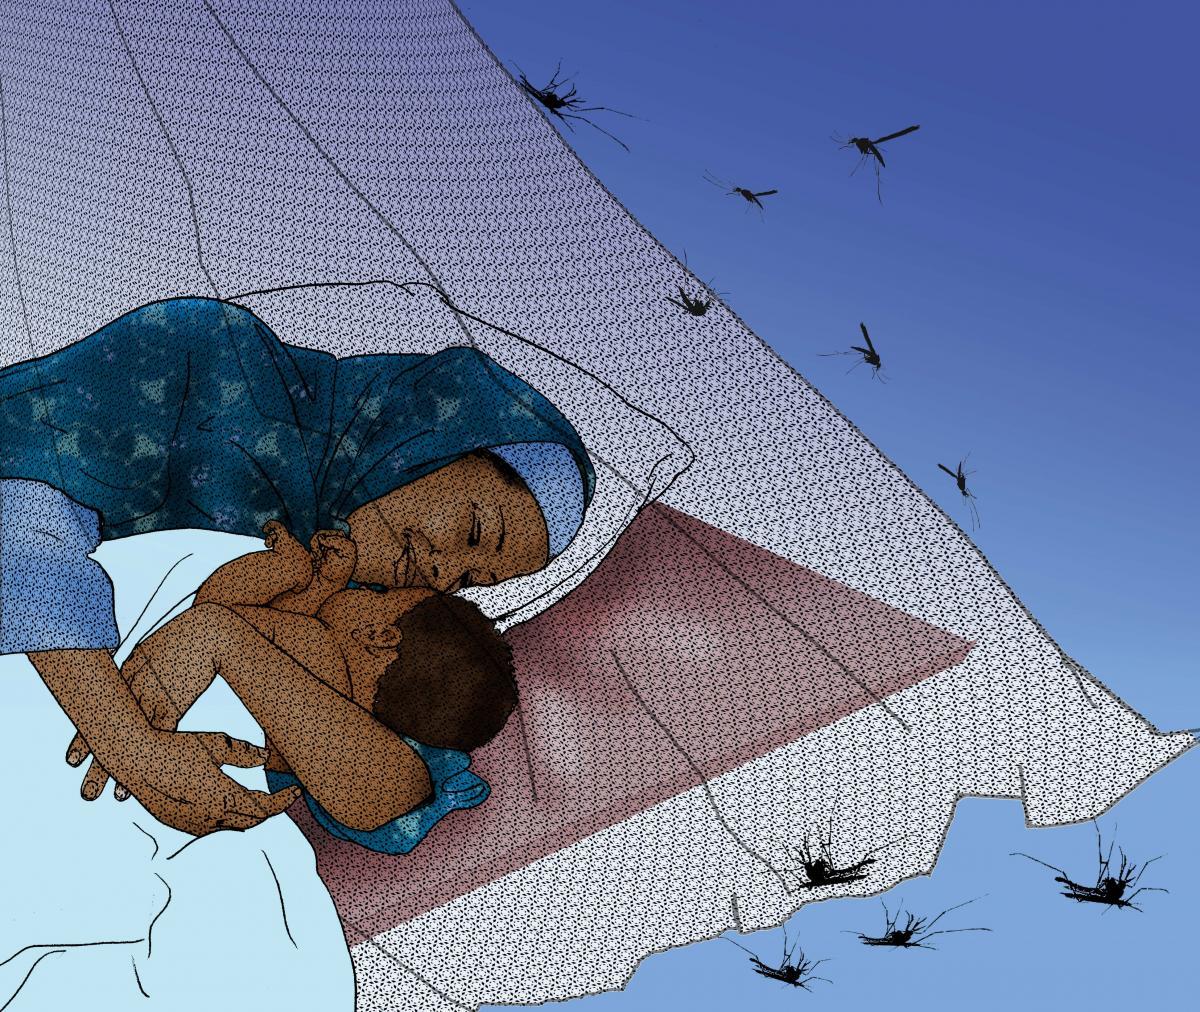 Malaria - Mother and child sleeping under net - 02 - Kenya Dadaab